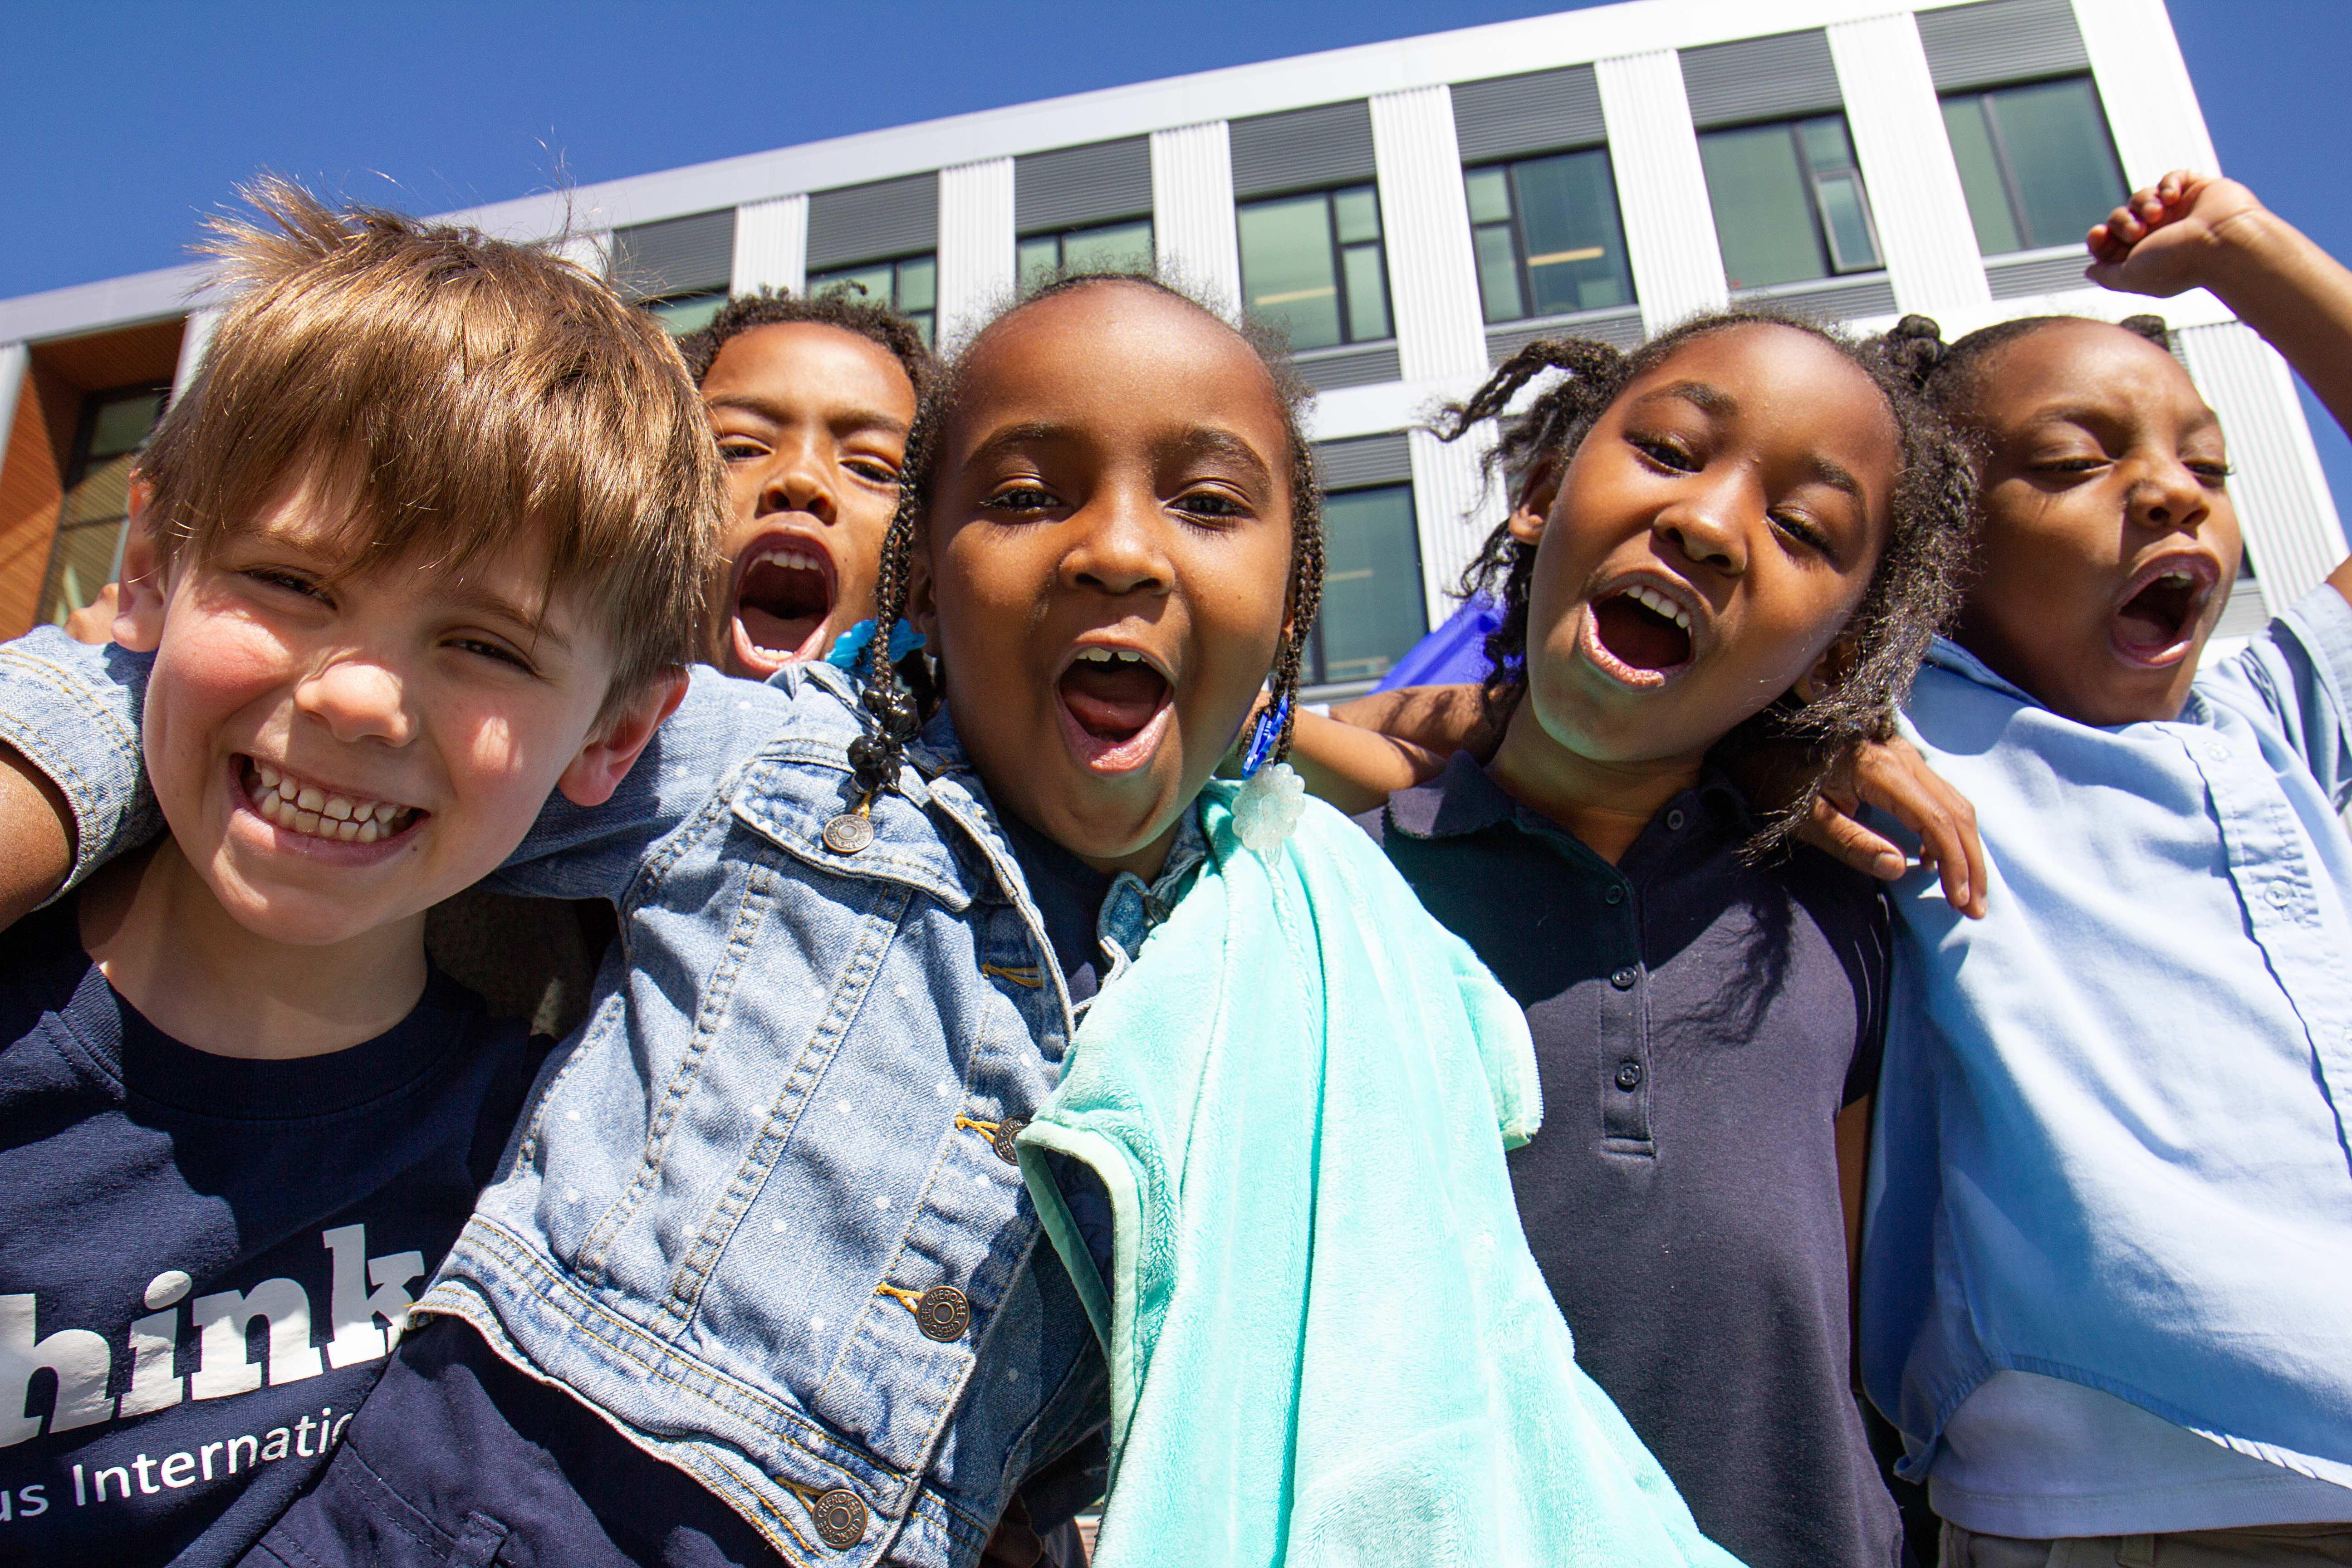 CIS kids on the playground